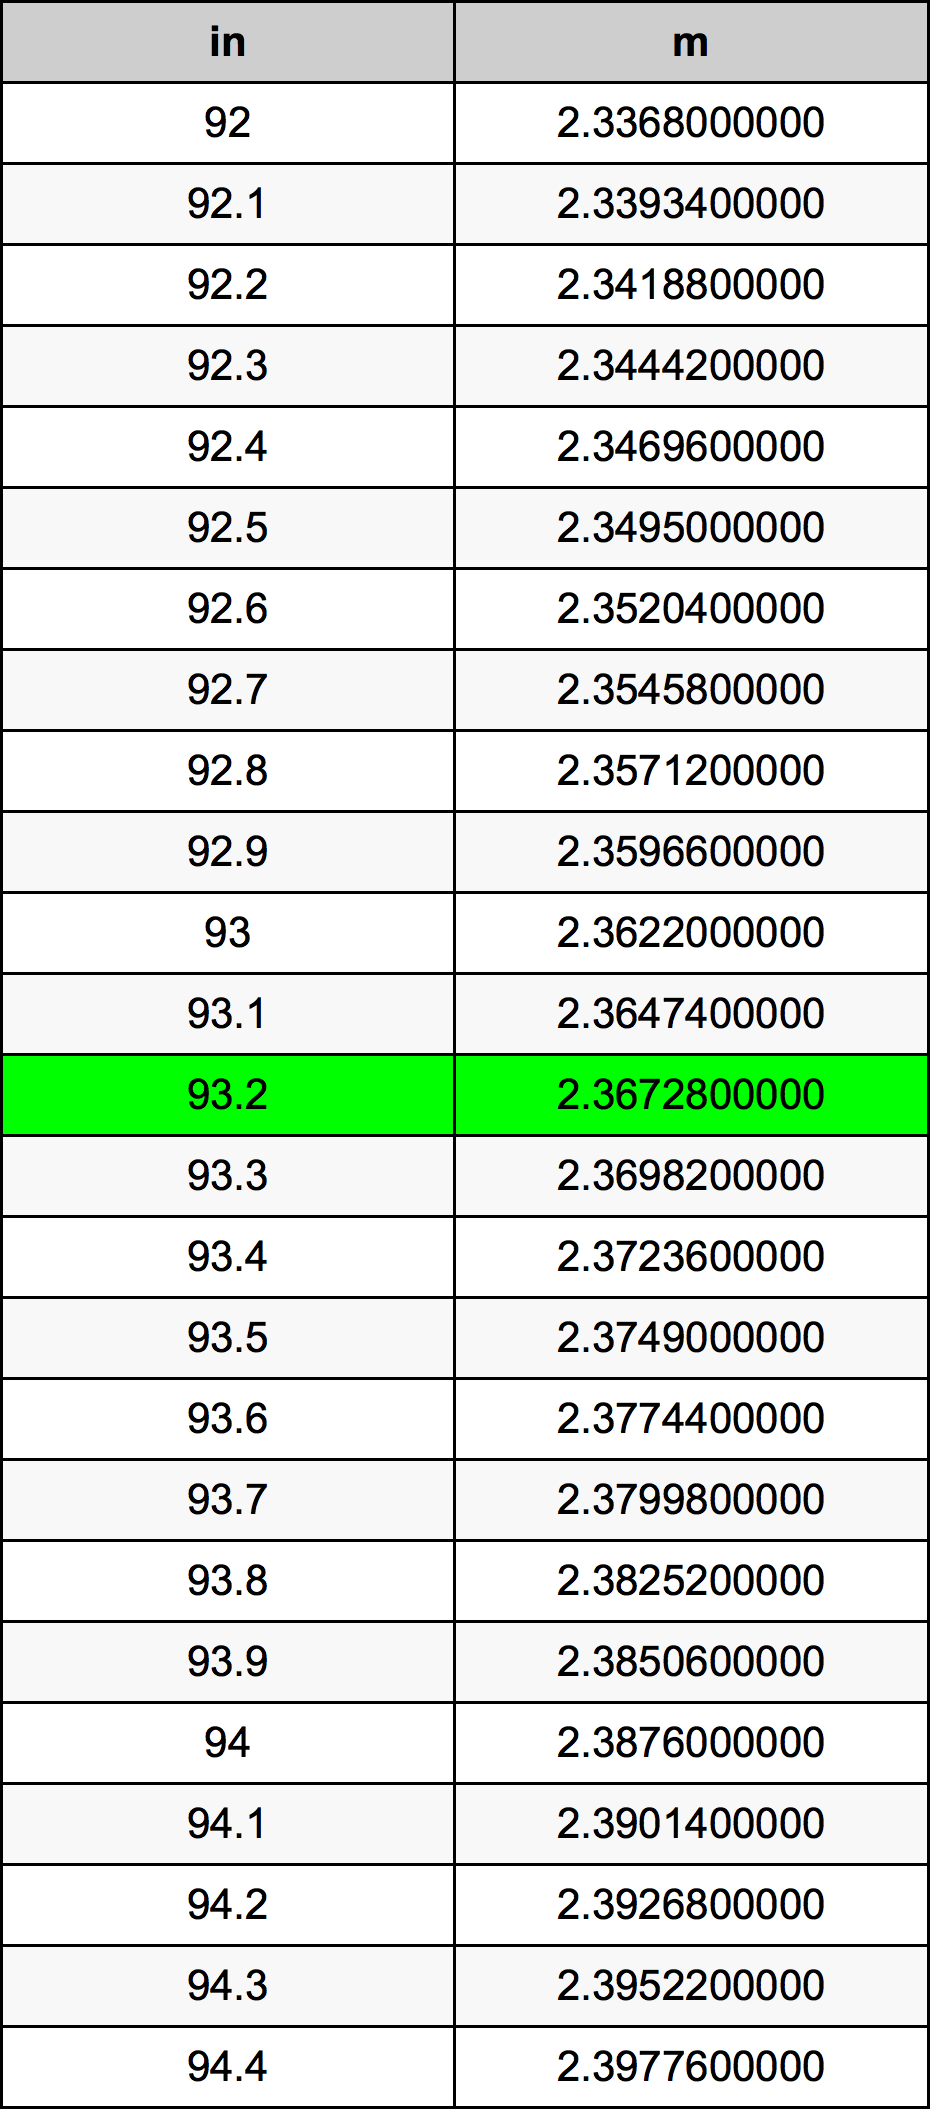 93.2 инч Таблица за преобразуване